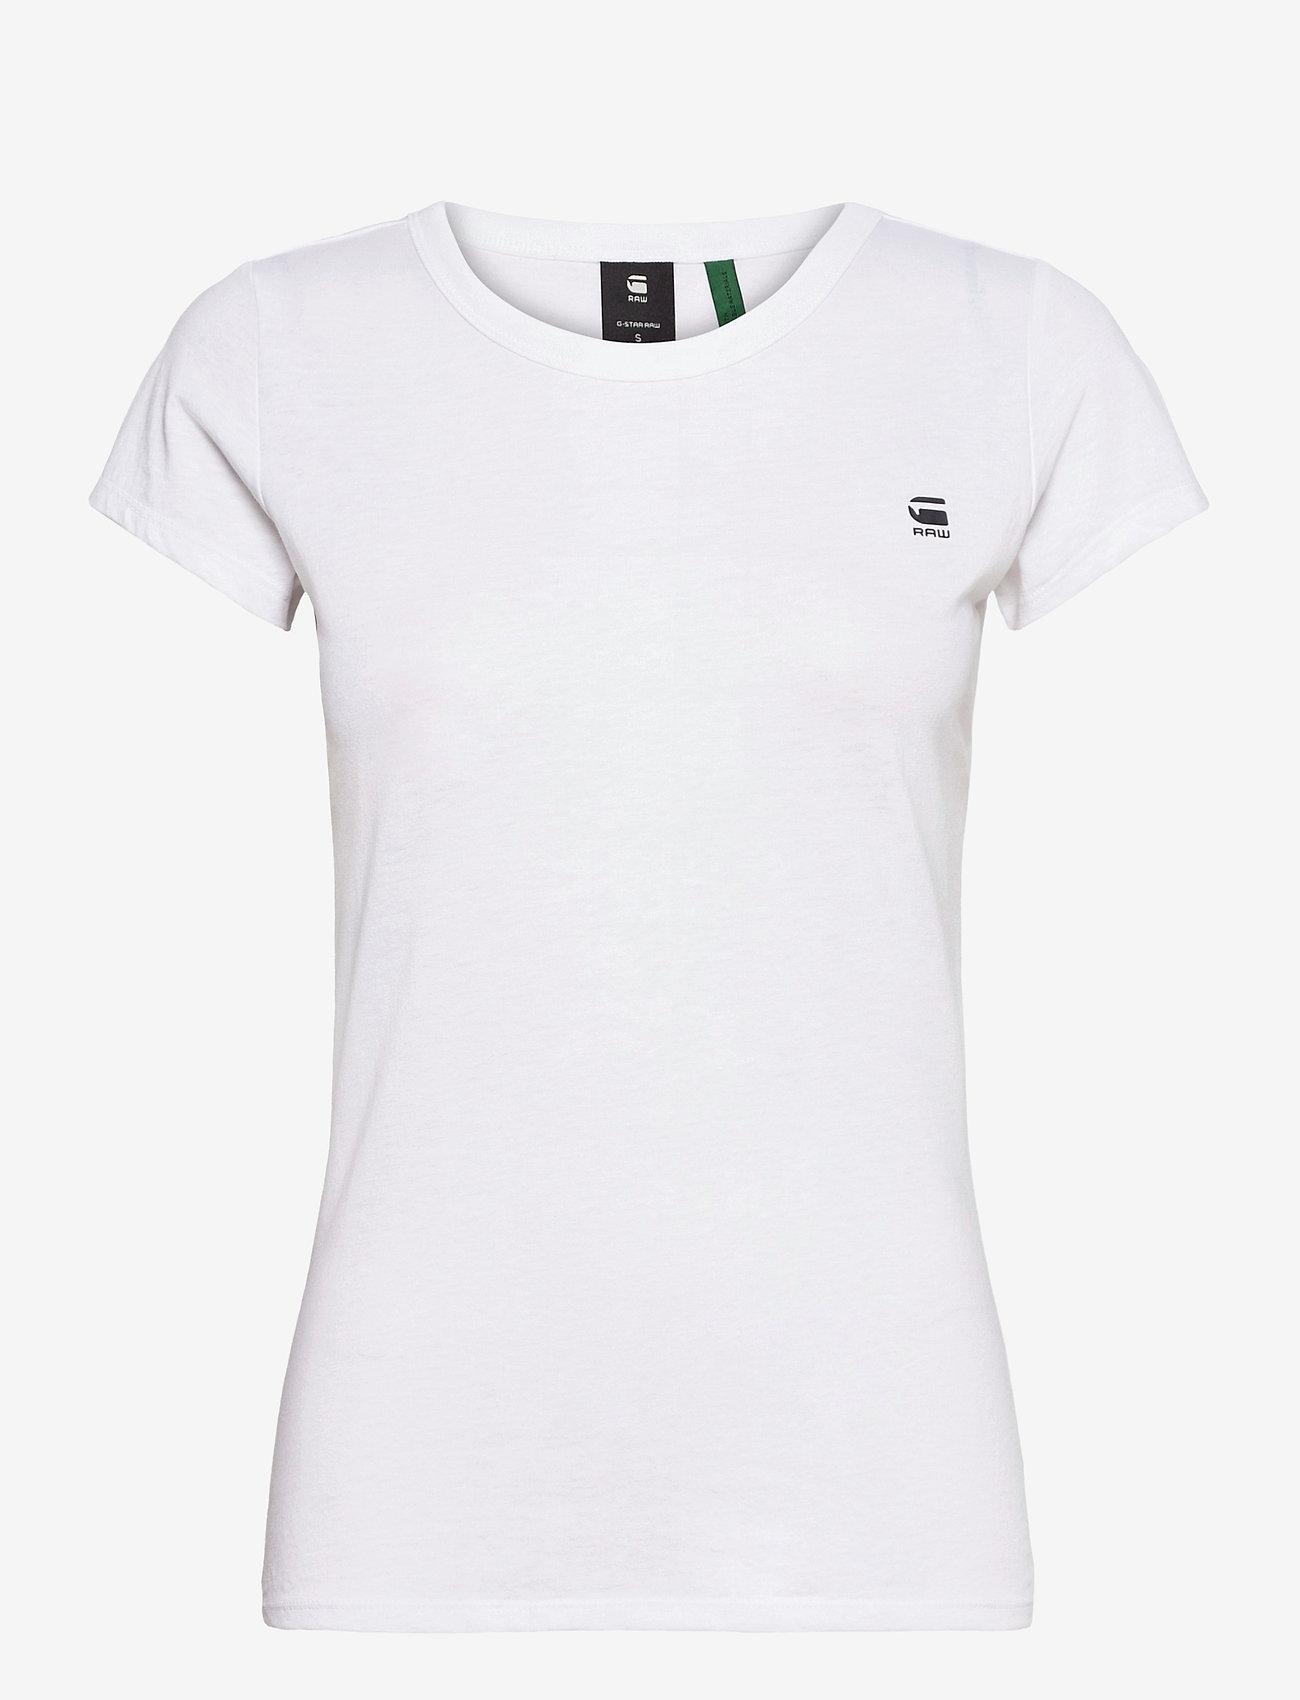 G-star RAW - Eyben slim r t wmn s\s - t-shirts - white - 0